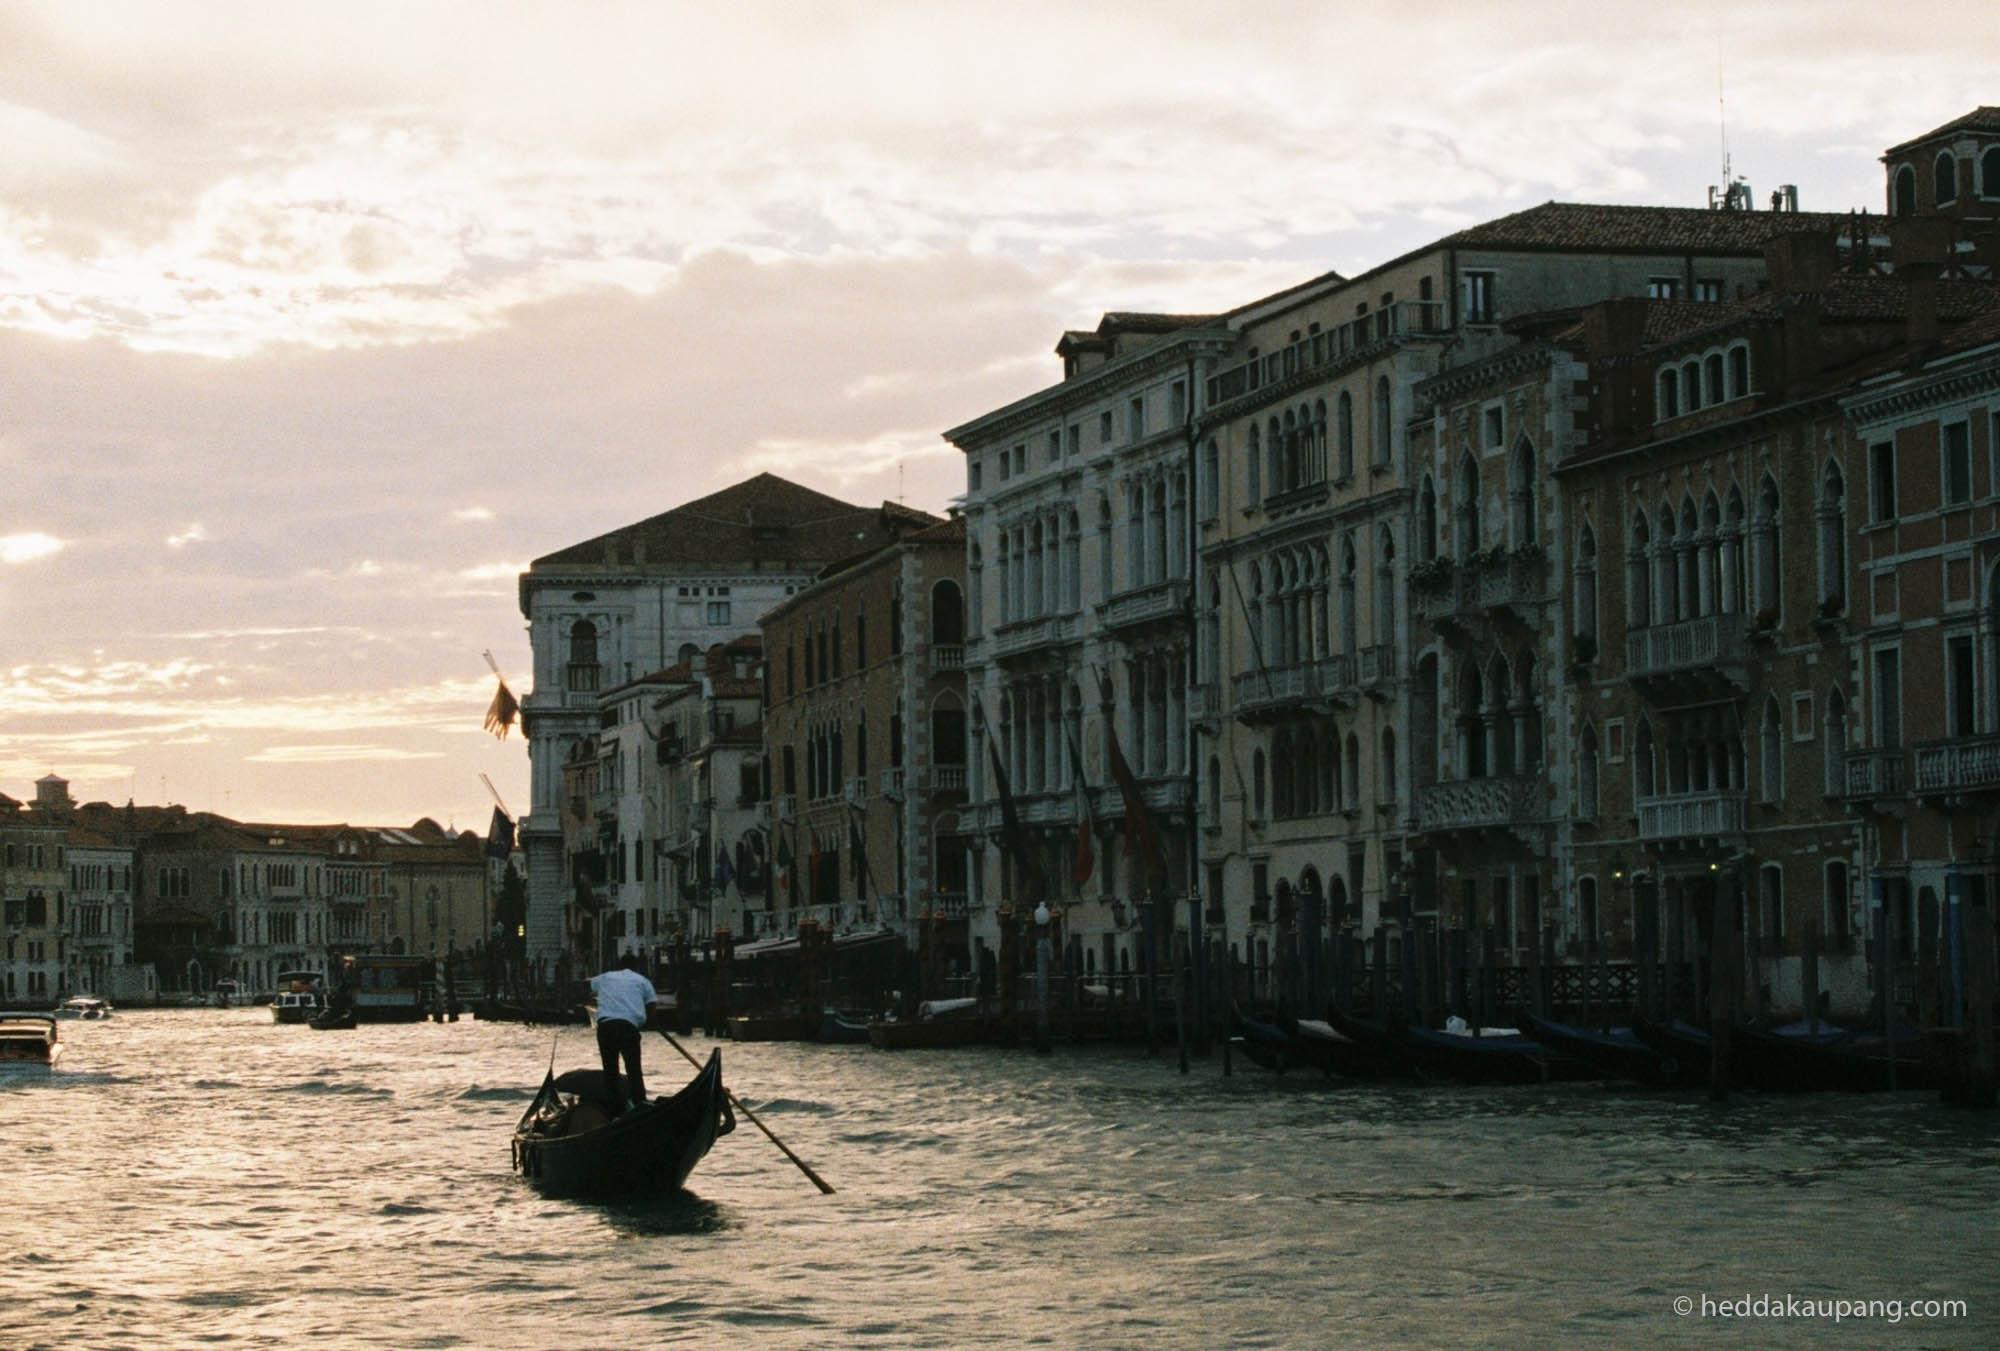 Gondolbåter i Venezia